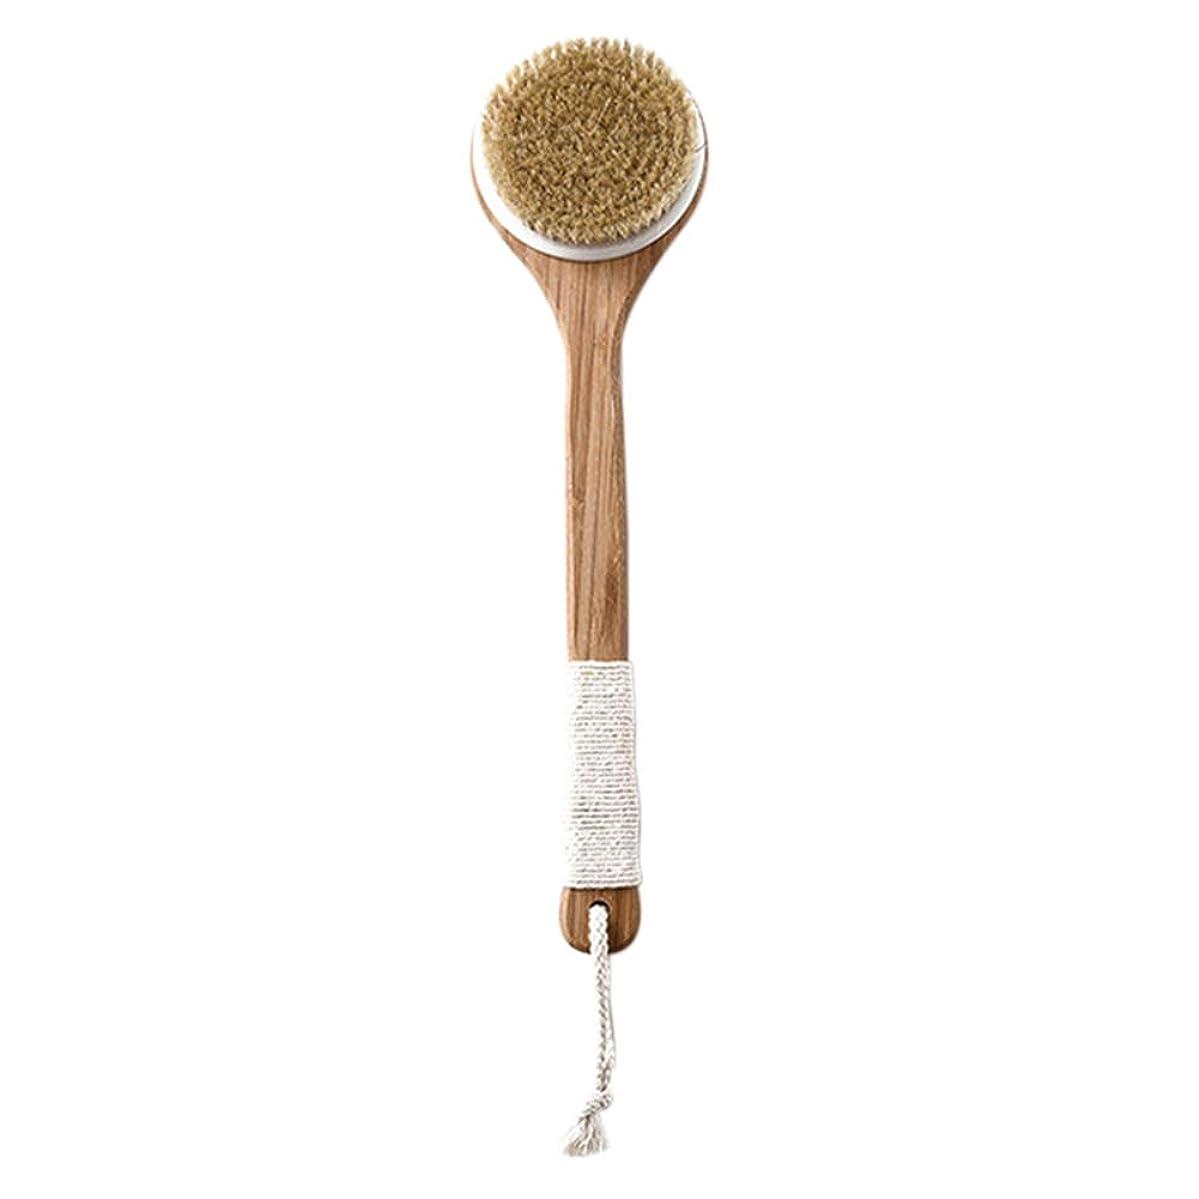 故意のウイルスコイル天然豚毛ブラシ 風呂ブラシ 背中ブラシ 体洗いブラシ シャワーブラシ 長いハンドル スブラシ 浴室用品 美肌 全身マッサージ 血行促進 Ammbous